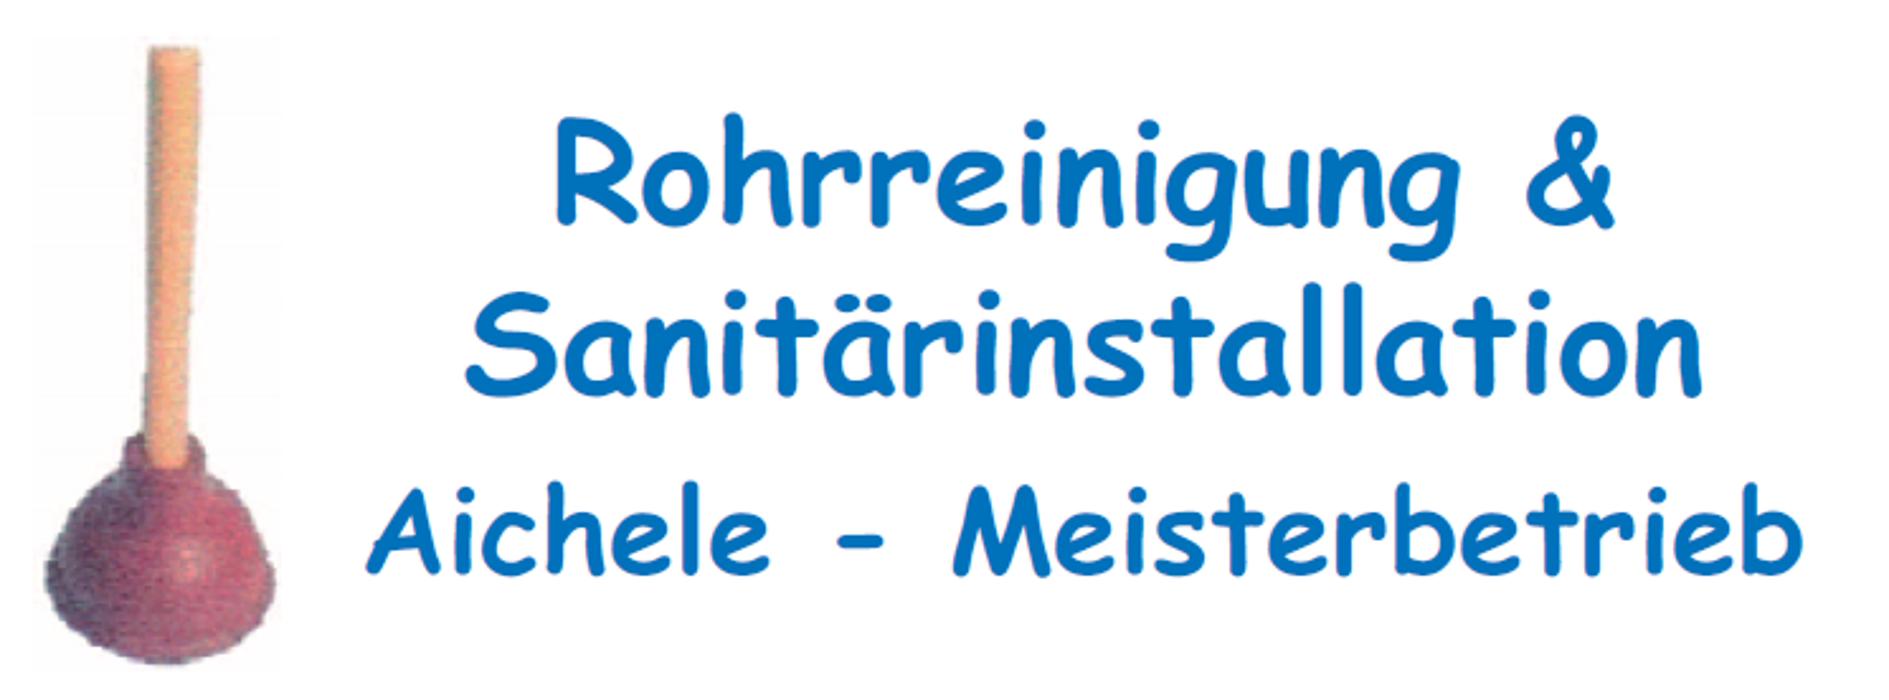 Bild zu Rohrreinigung & Sanitärinstallation Aichele - Meisterbetrieb in Augsburg